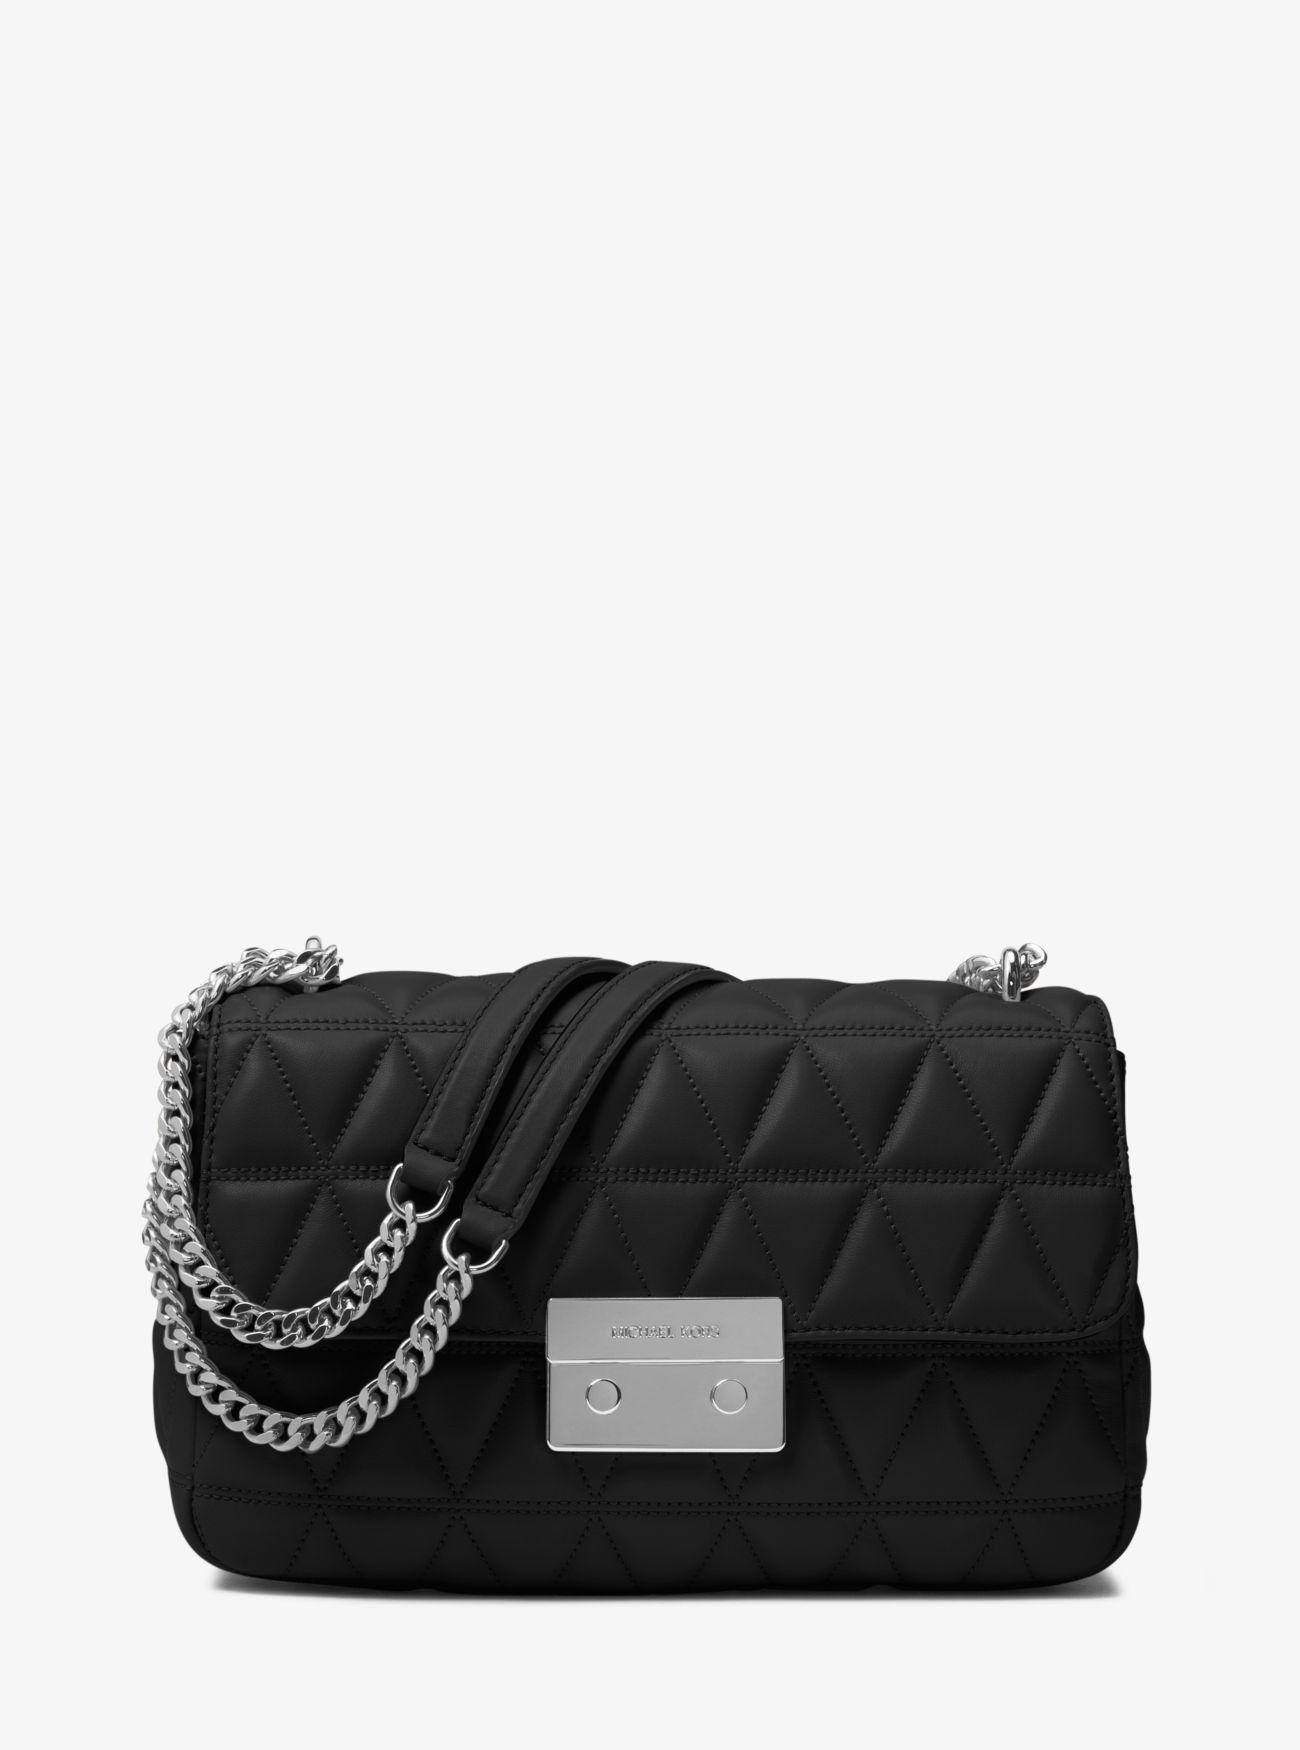 d2025cf2f317 Michael Kors Sloan Large Quilted-Leather Shoulder Bag - Black ...